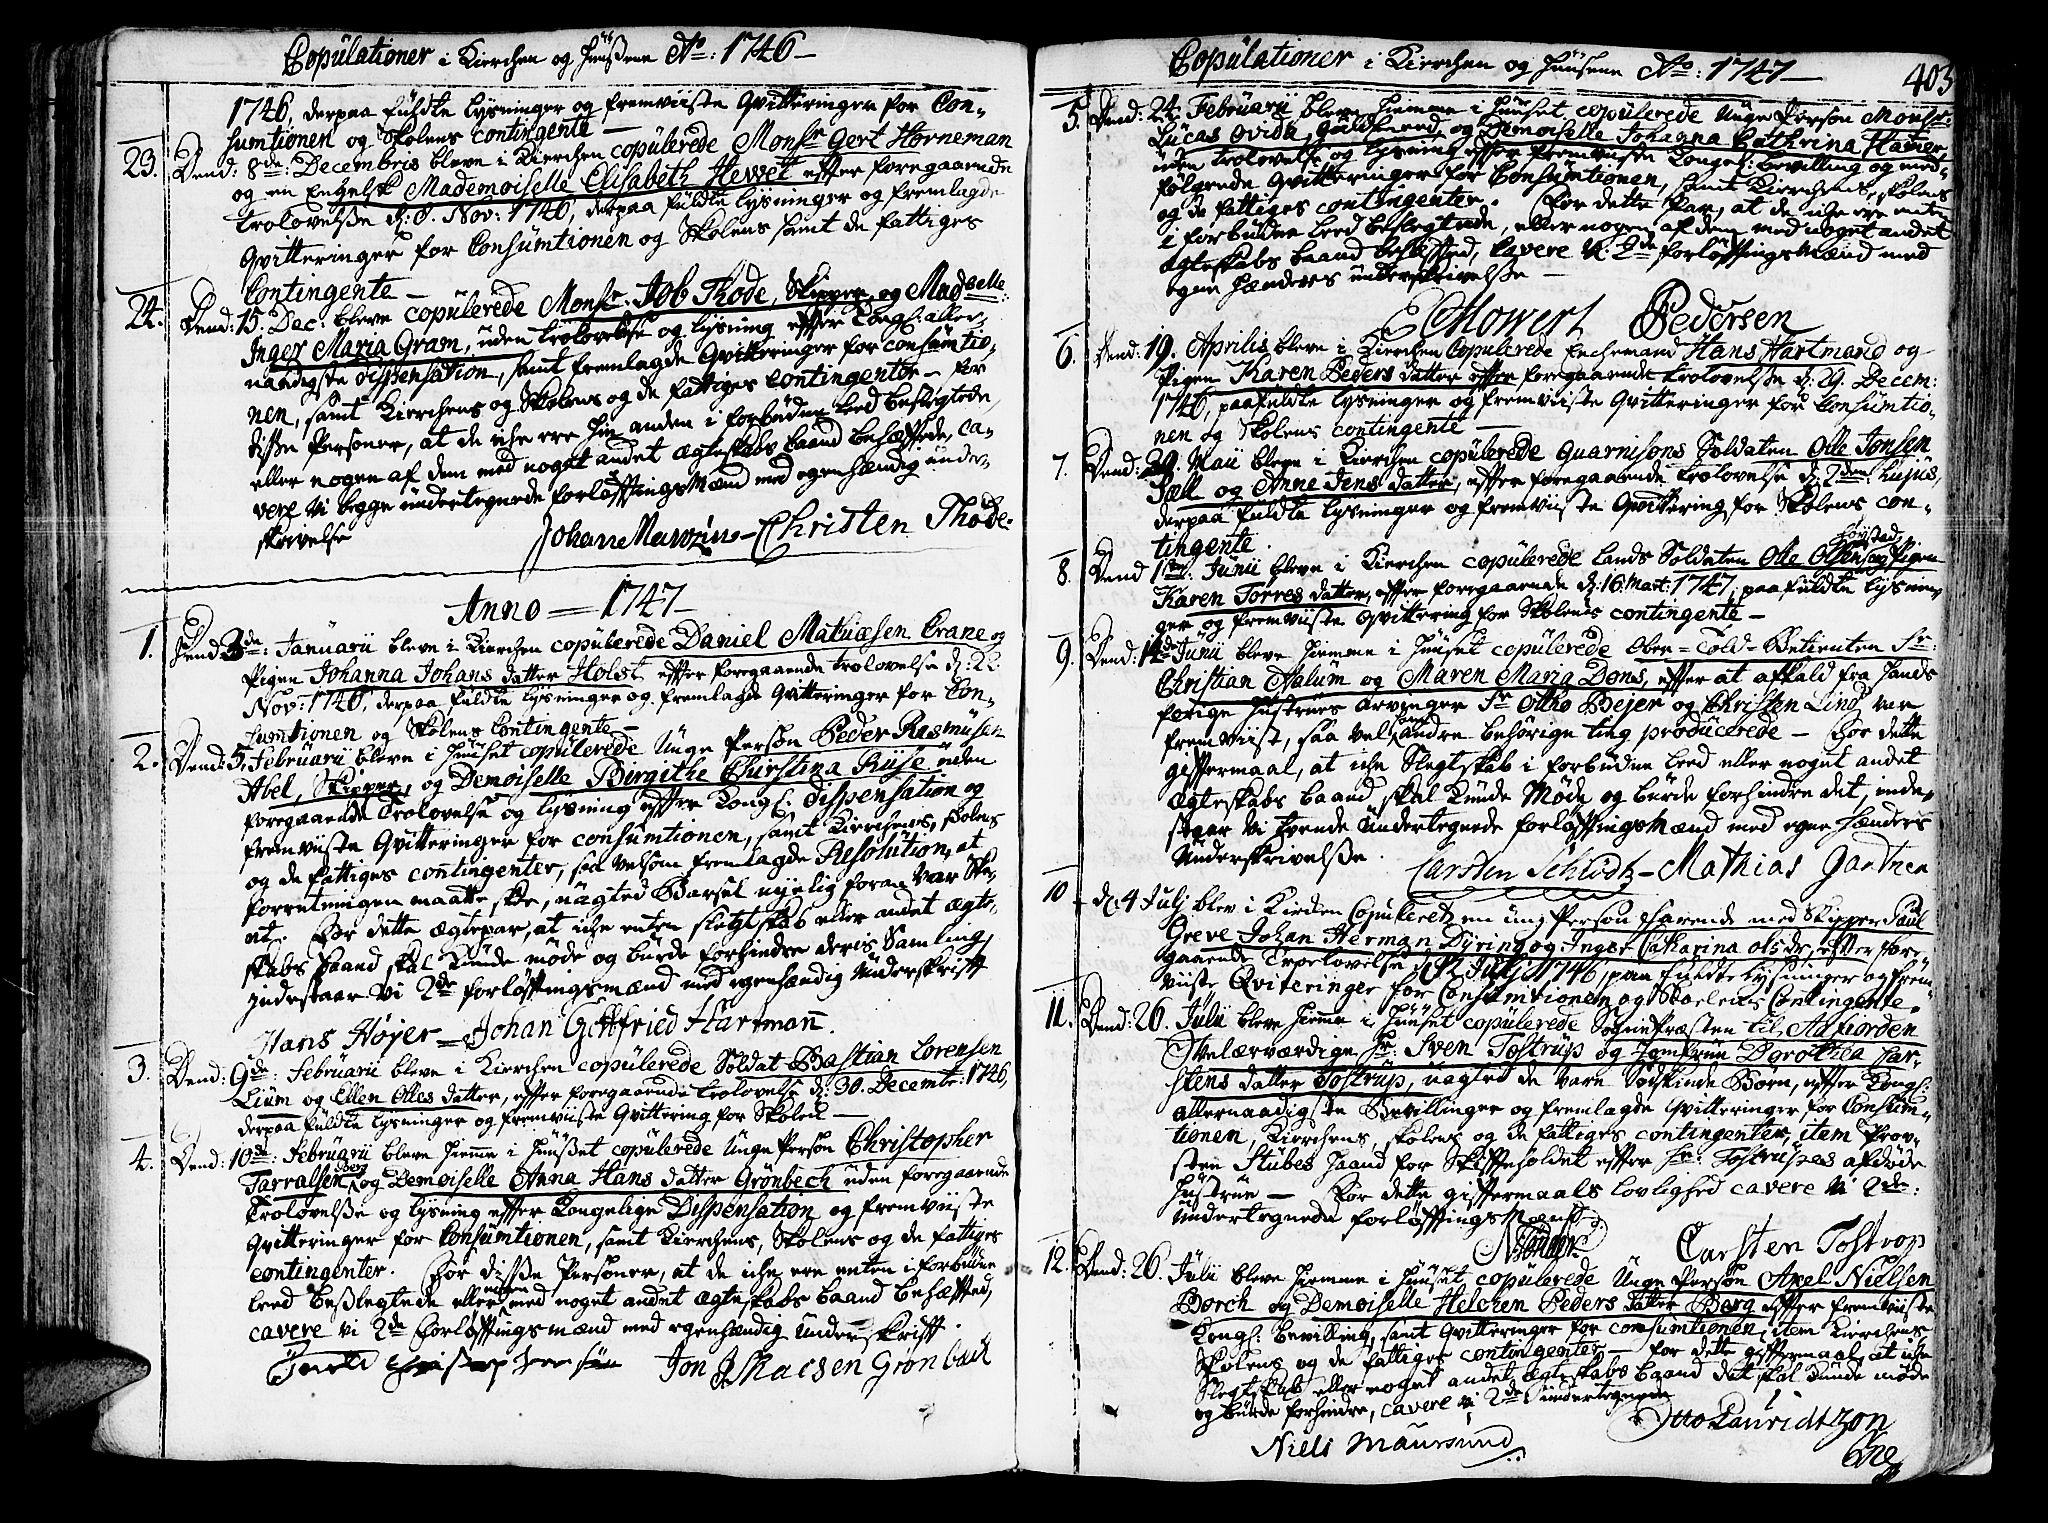 SAT, Ministerialprotokoller, klokkerbøker og fødselsregistre - Sør-Trøndelag, 602/L0103: Ministerialbok nr. 602A01, 1732-1774, s. 403